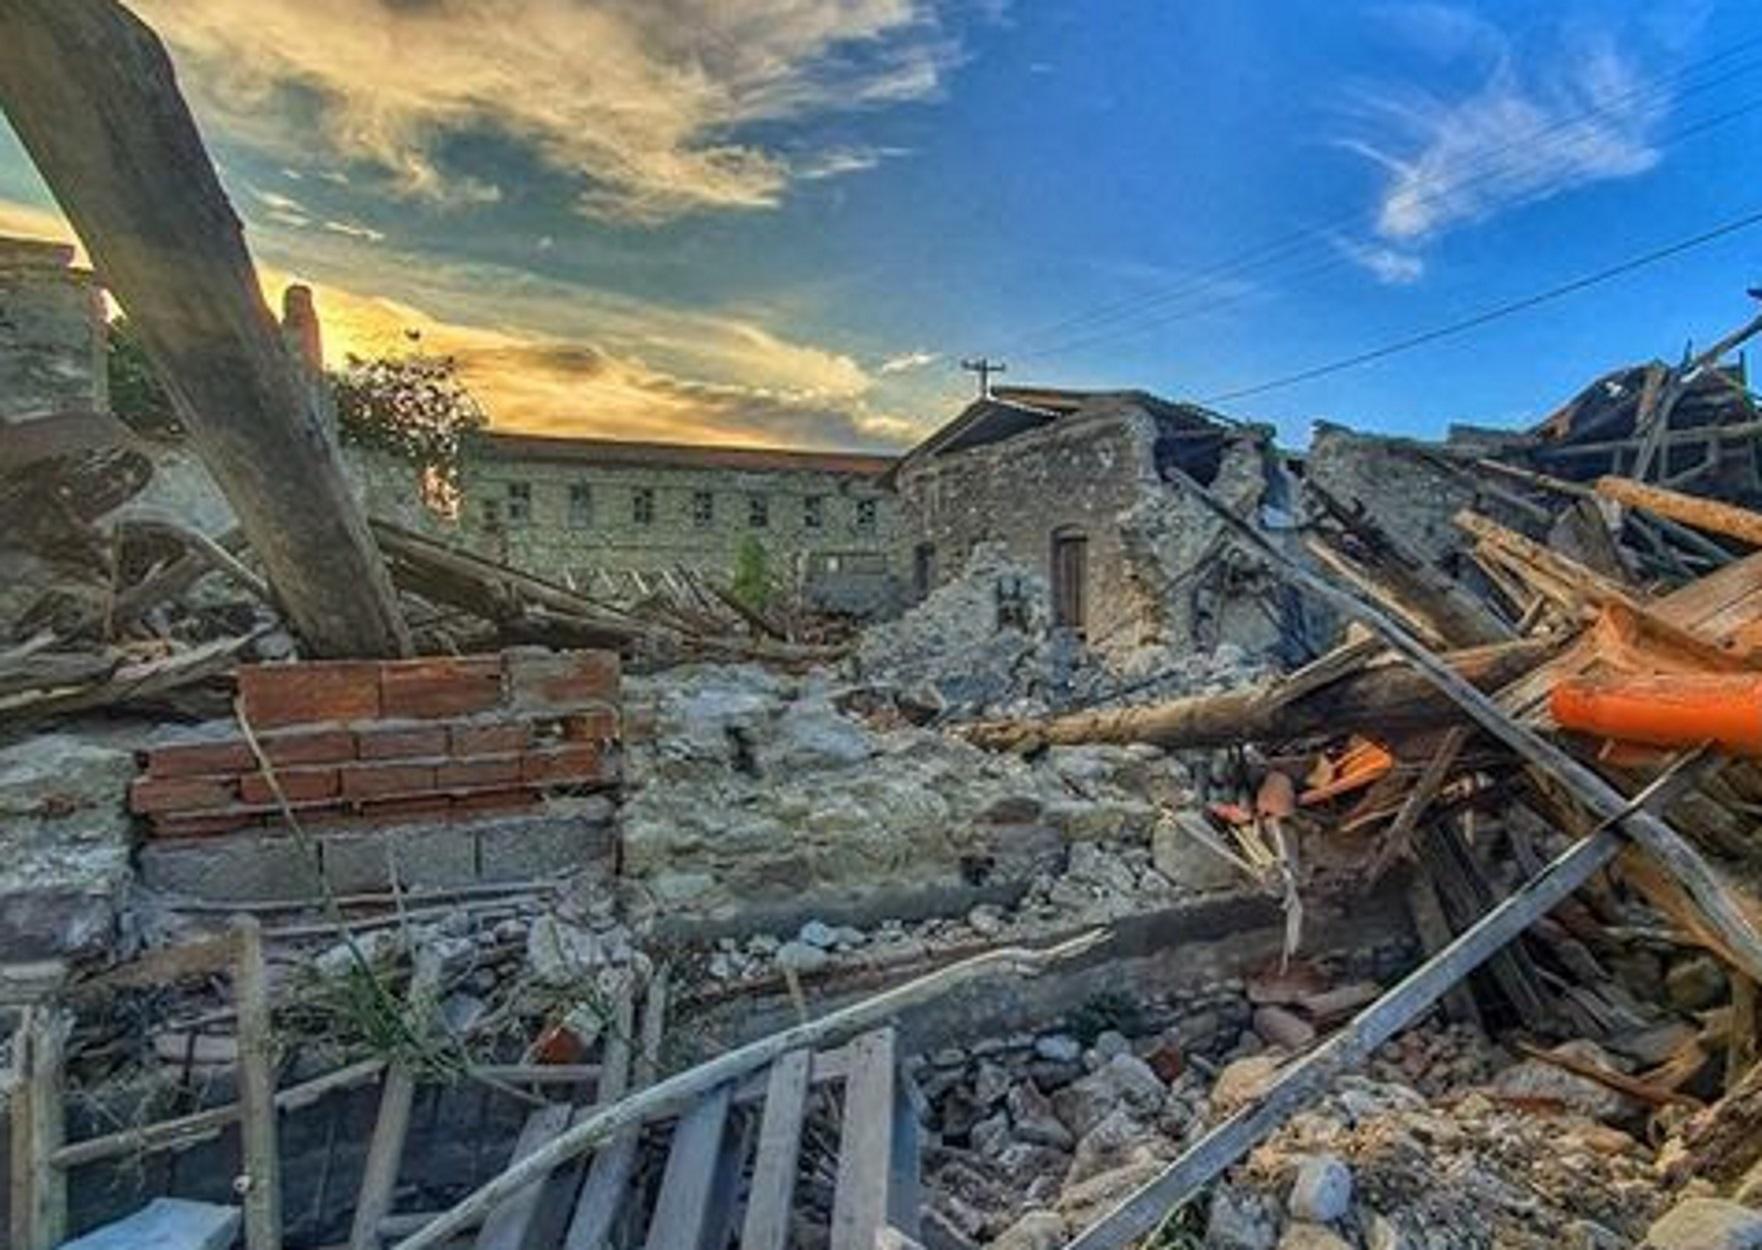 Σεισμός Σάμος: 4,2 Ρίχτερ ταρακούνησαν ξανά το νησί!